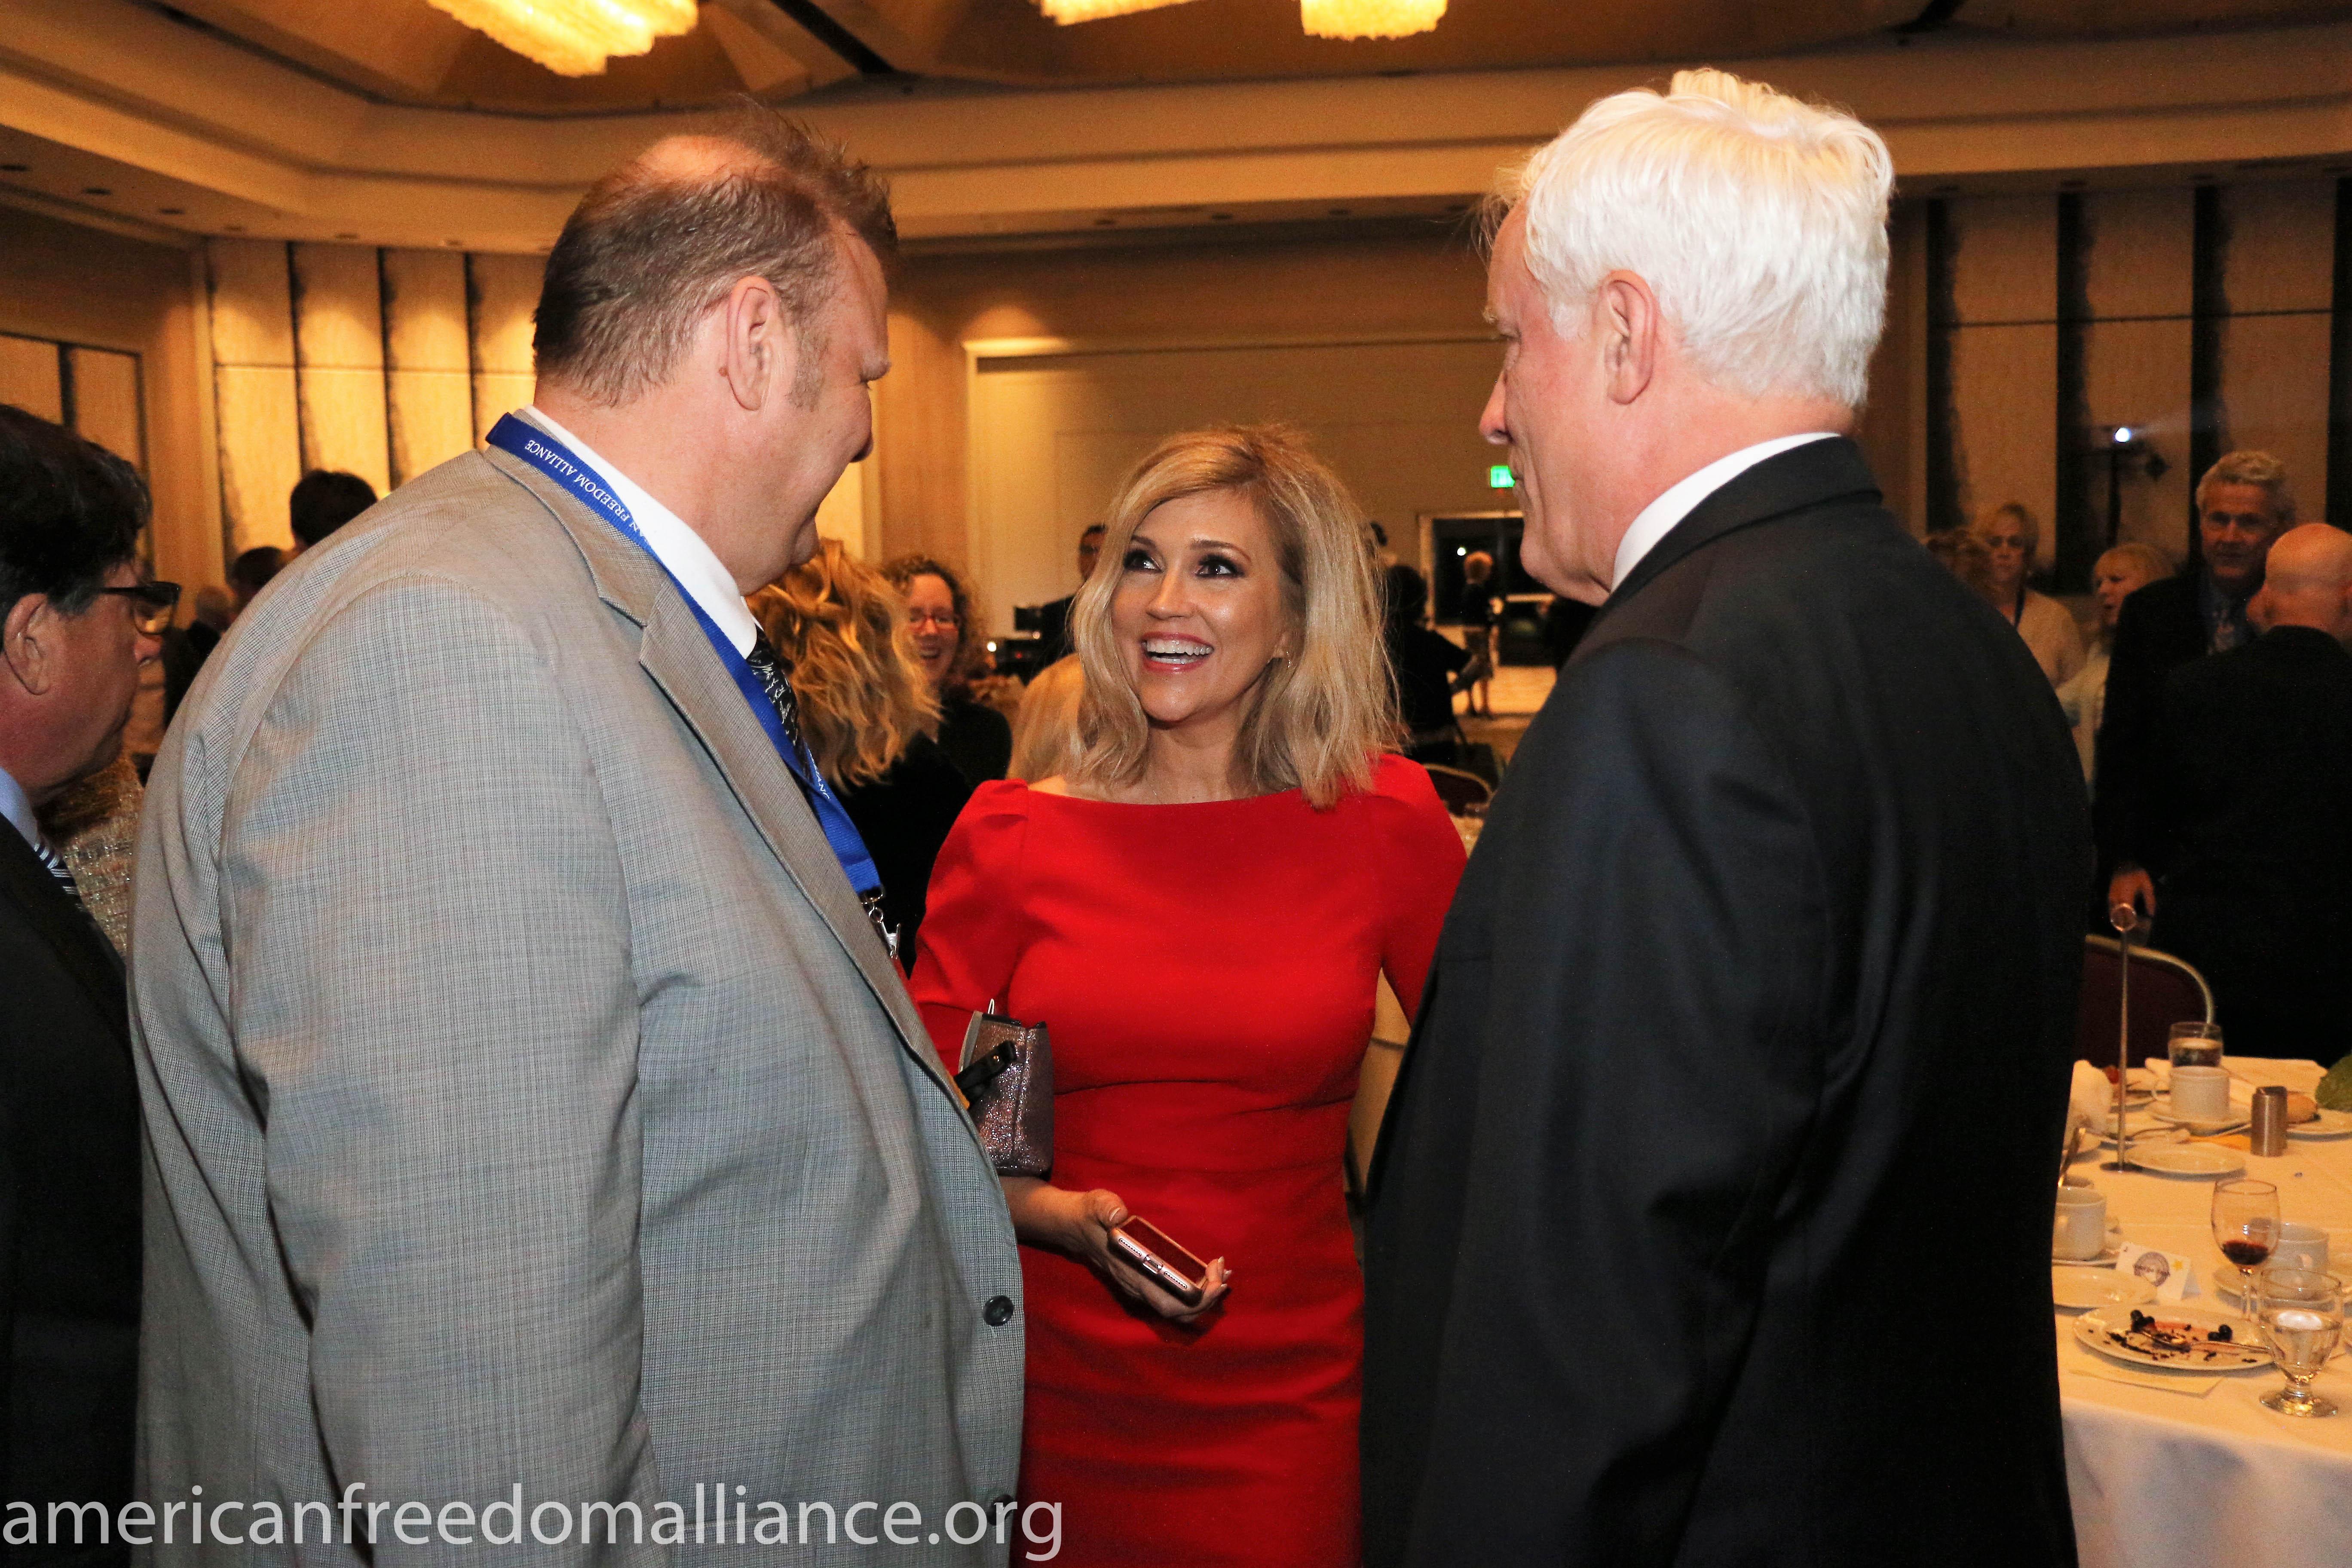 John Hancock, Ann-Marie Murrell and Donald Dix